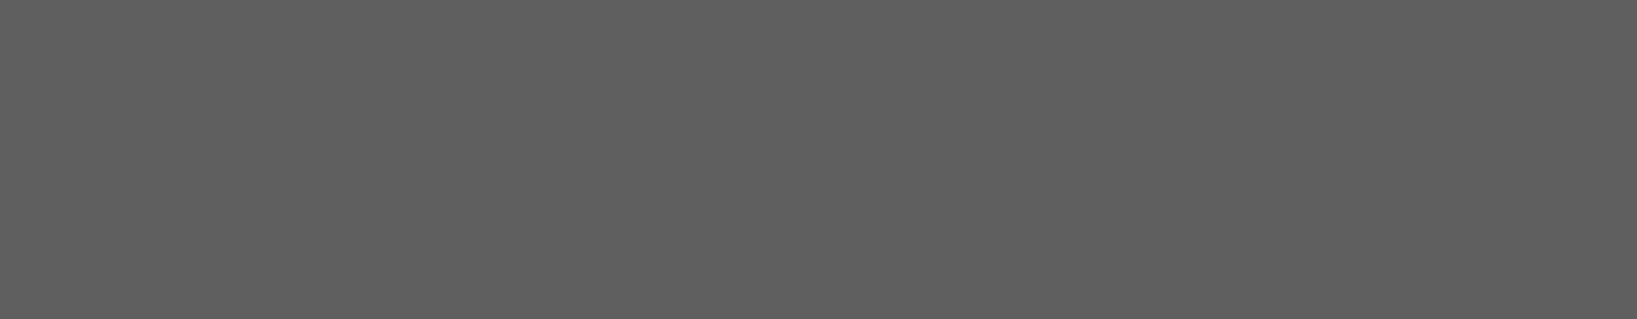 NewRez Grey